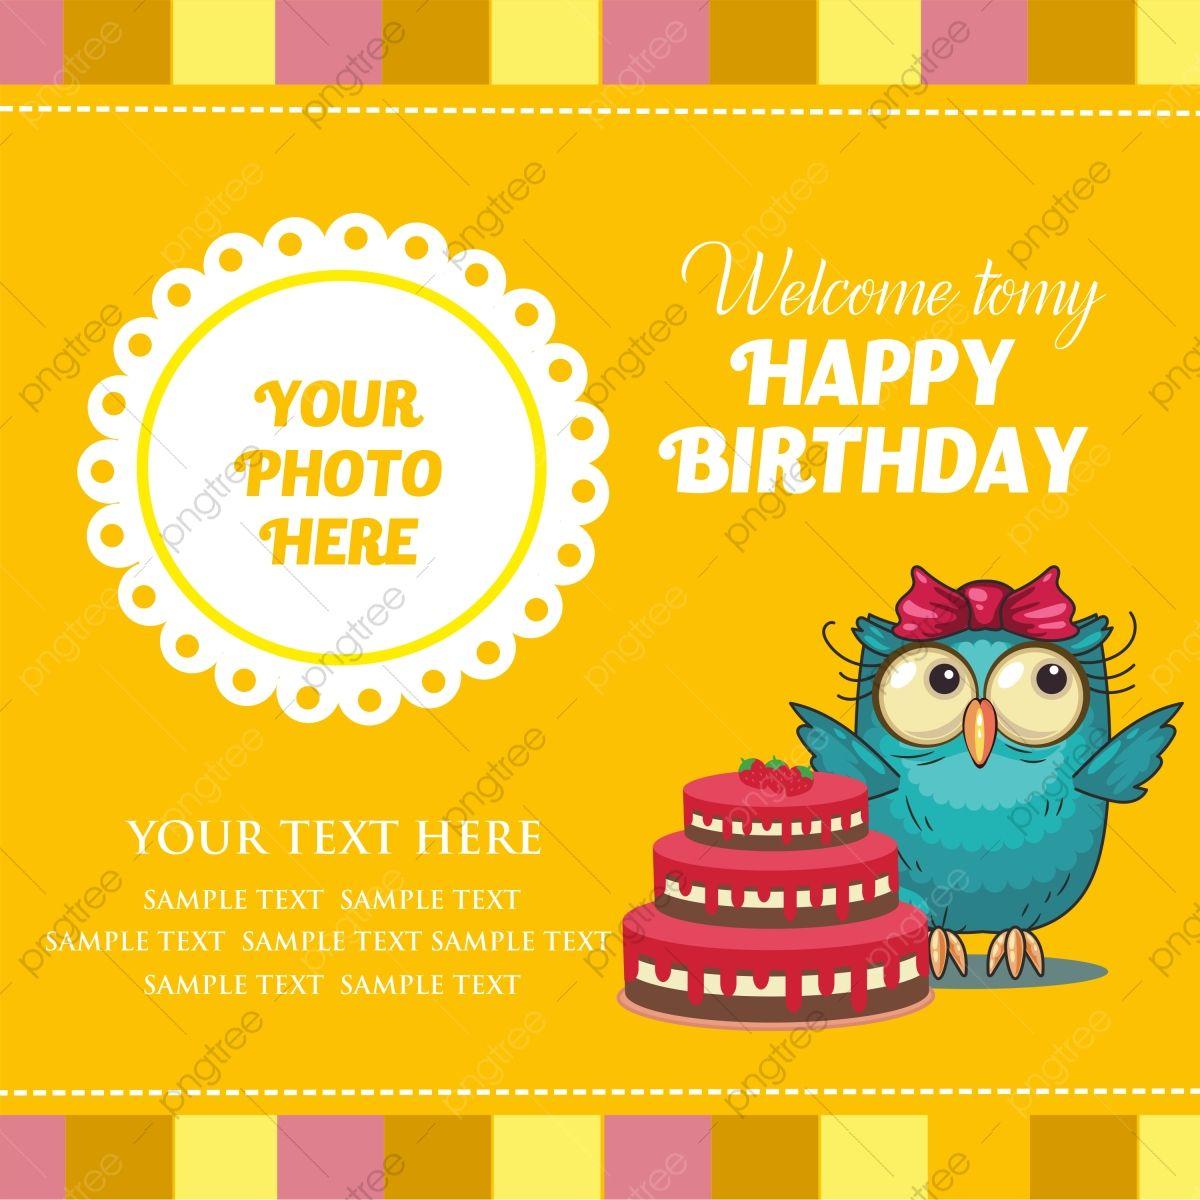 Gambar Selamat Ulang Tahun Foto Kartu Ucapan Bentuk Hari Jadi Jemputan Hari Jadi Reka Bentuk Jemputan Png Dan Vektor Untuk Muat Turun Percuma Happy Birthday Photos Greeting Card Design Birthday Photos